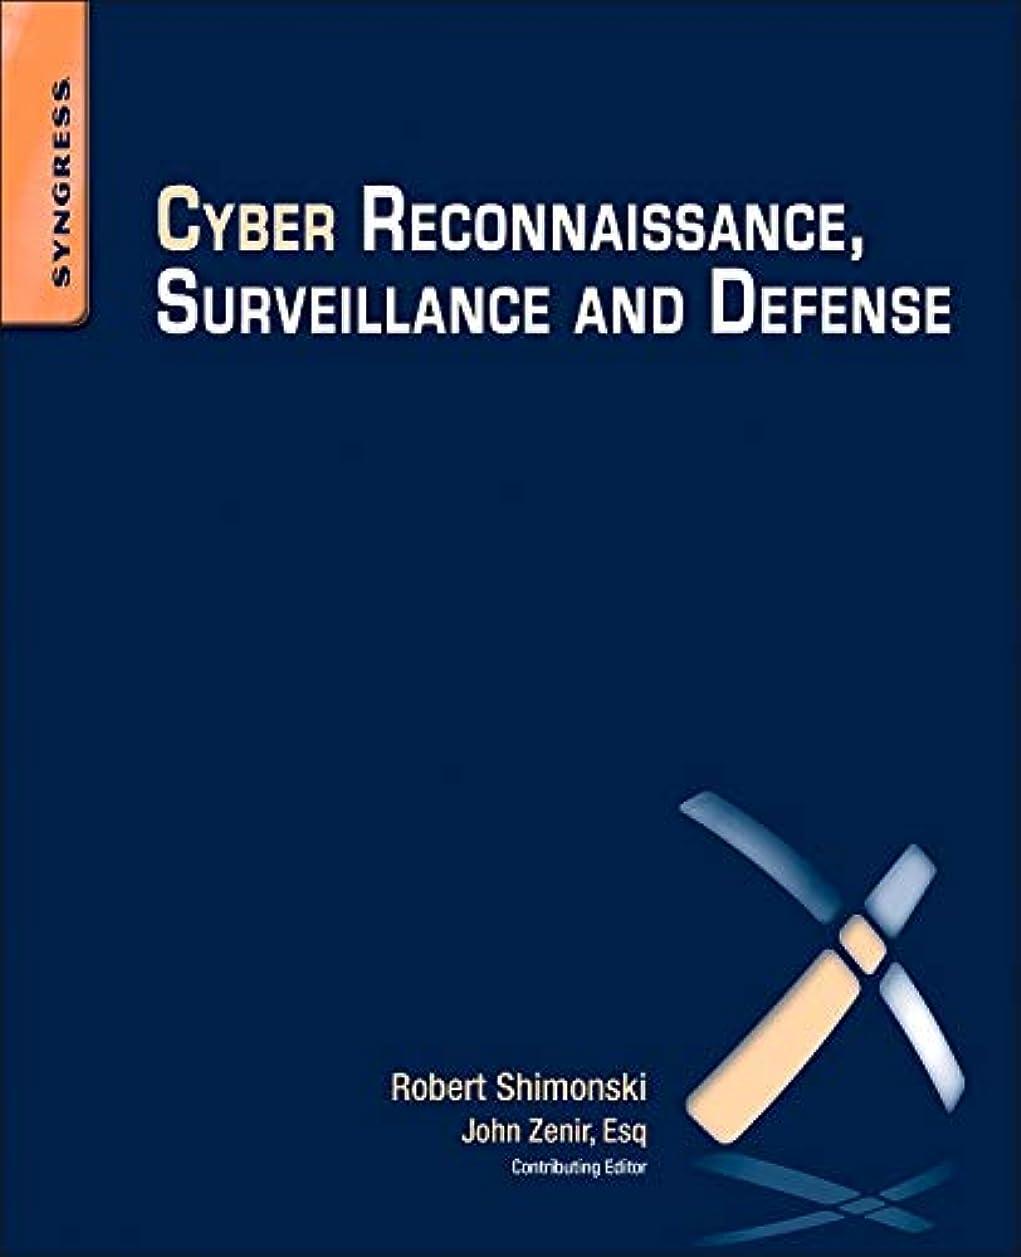 エクスタシー私たち自身論理Cyber Reconnaissance, Surveillance and Defense